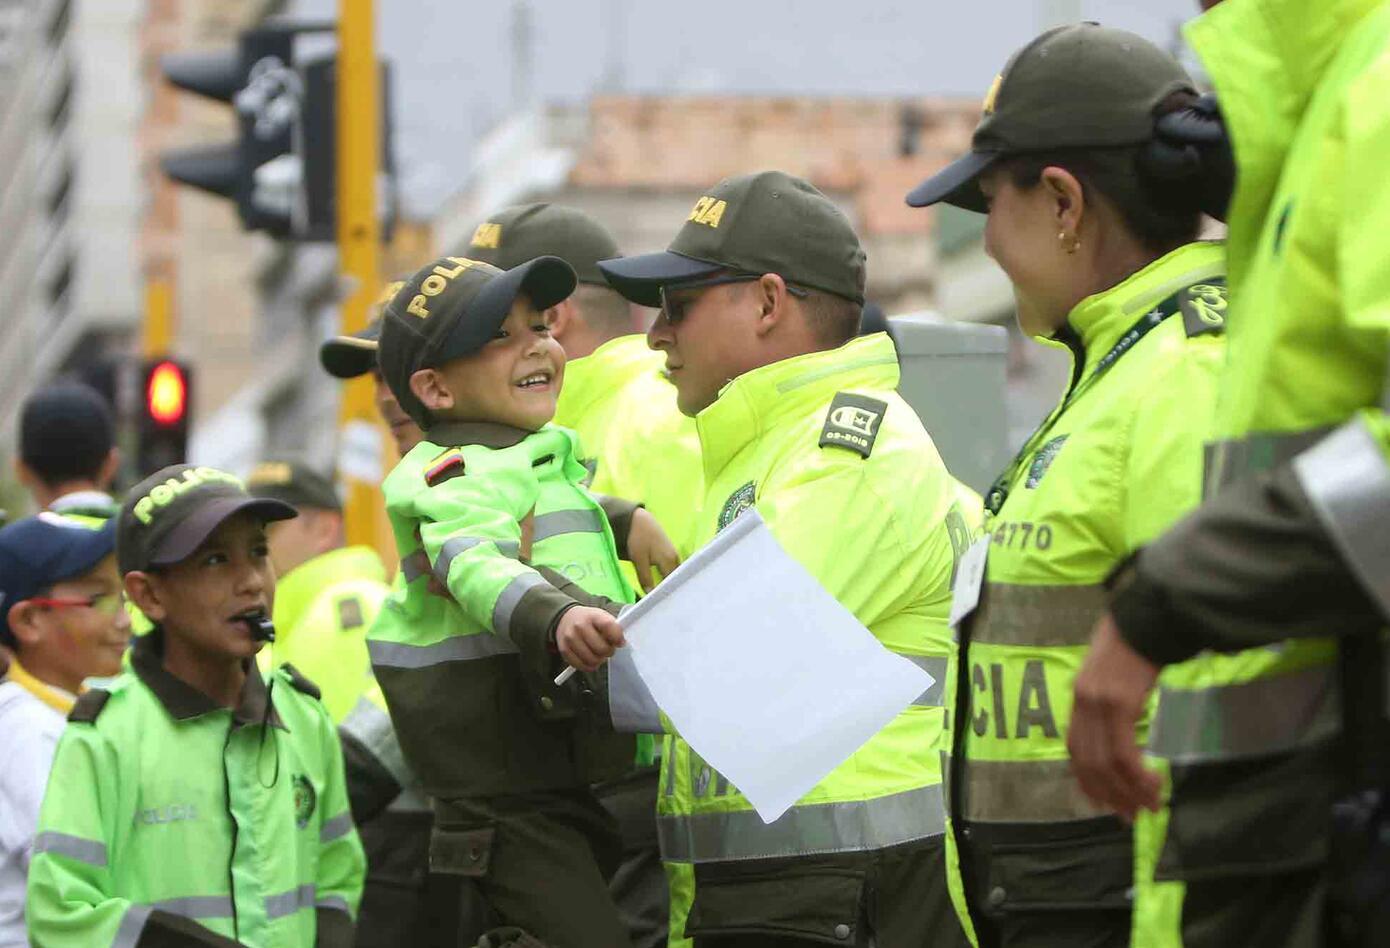 Los niños se emocionaron con los policías en medio de la marcha contra el terrorismo